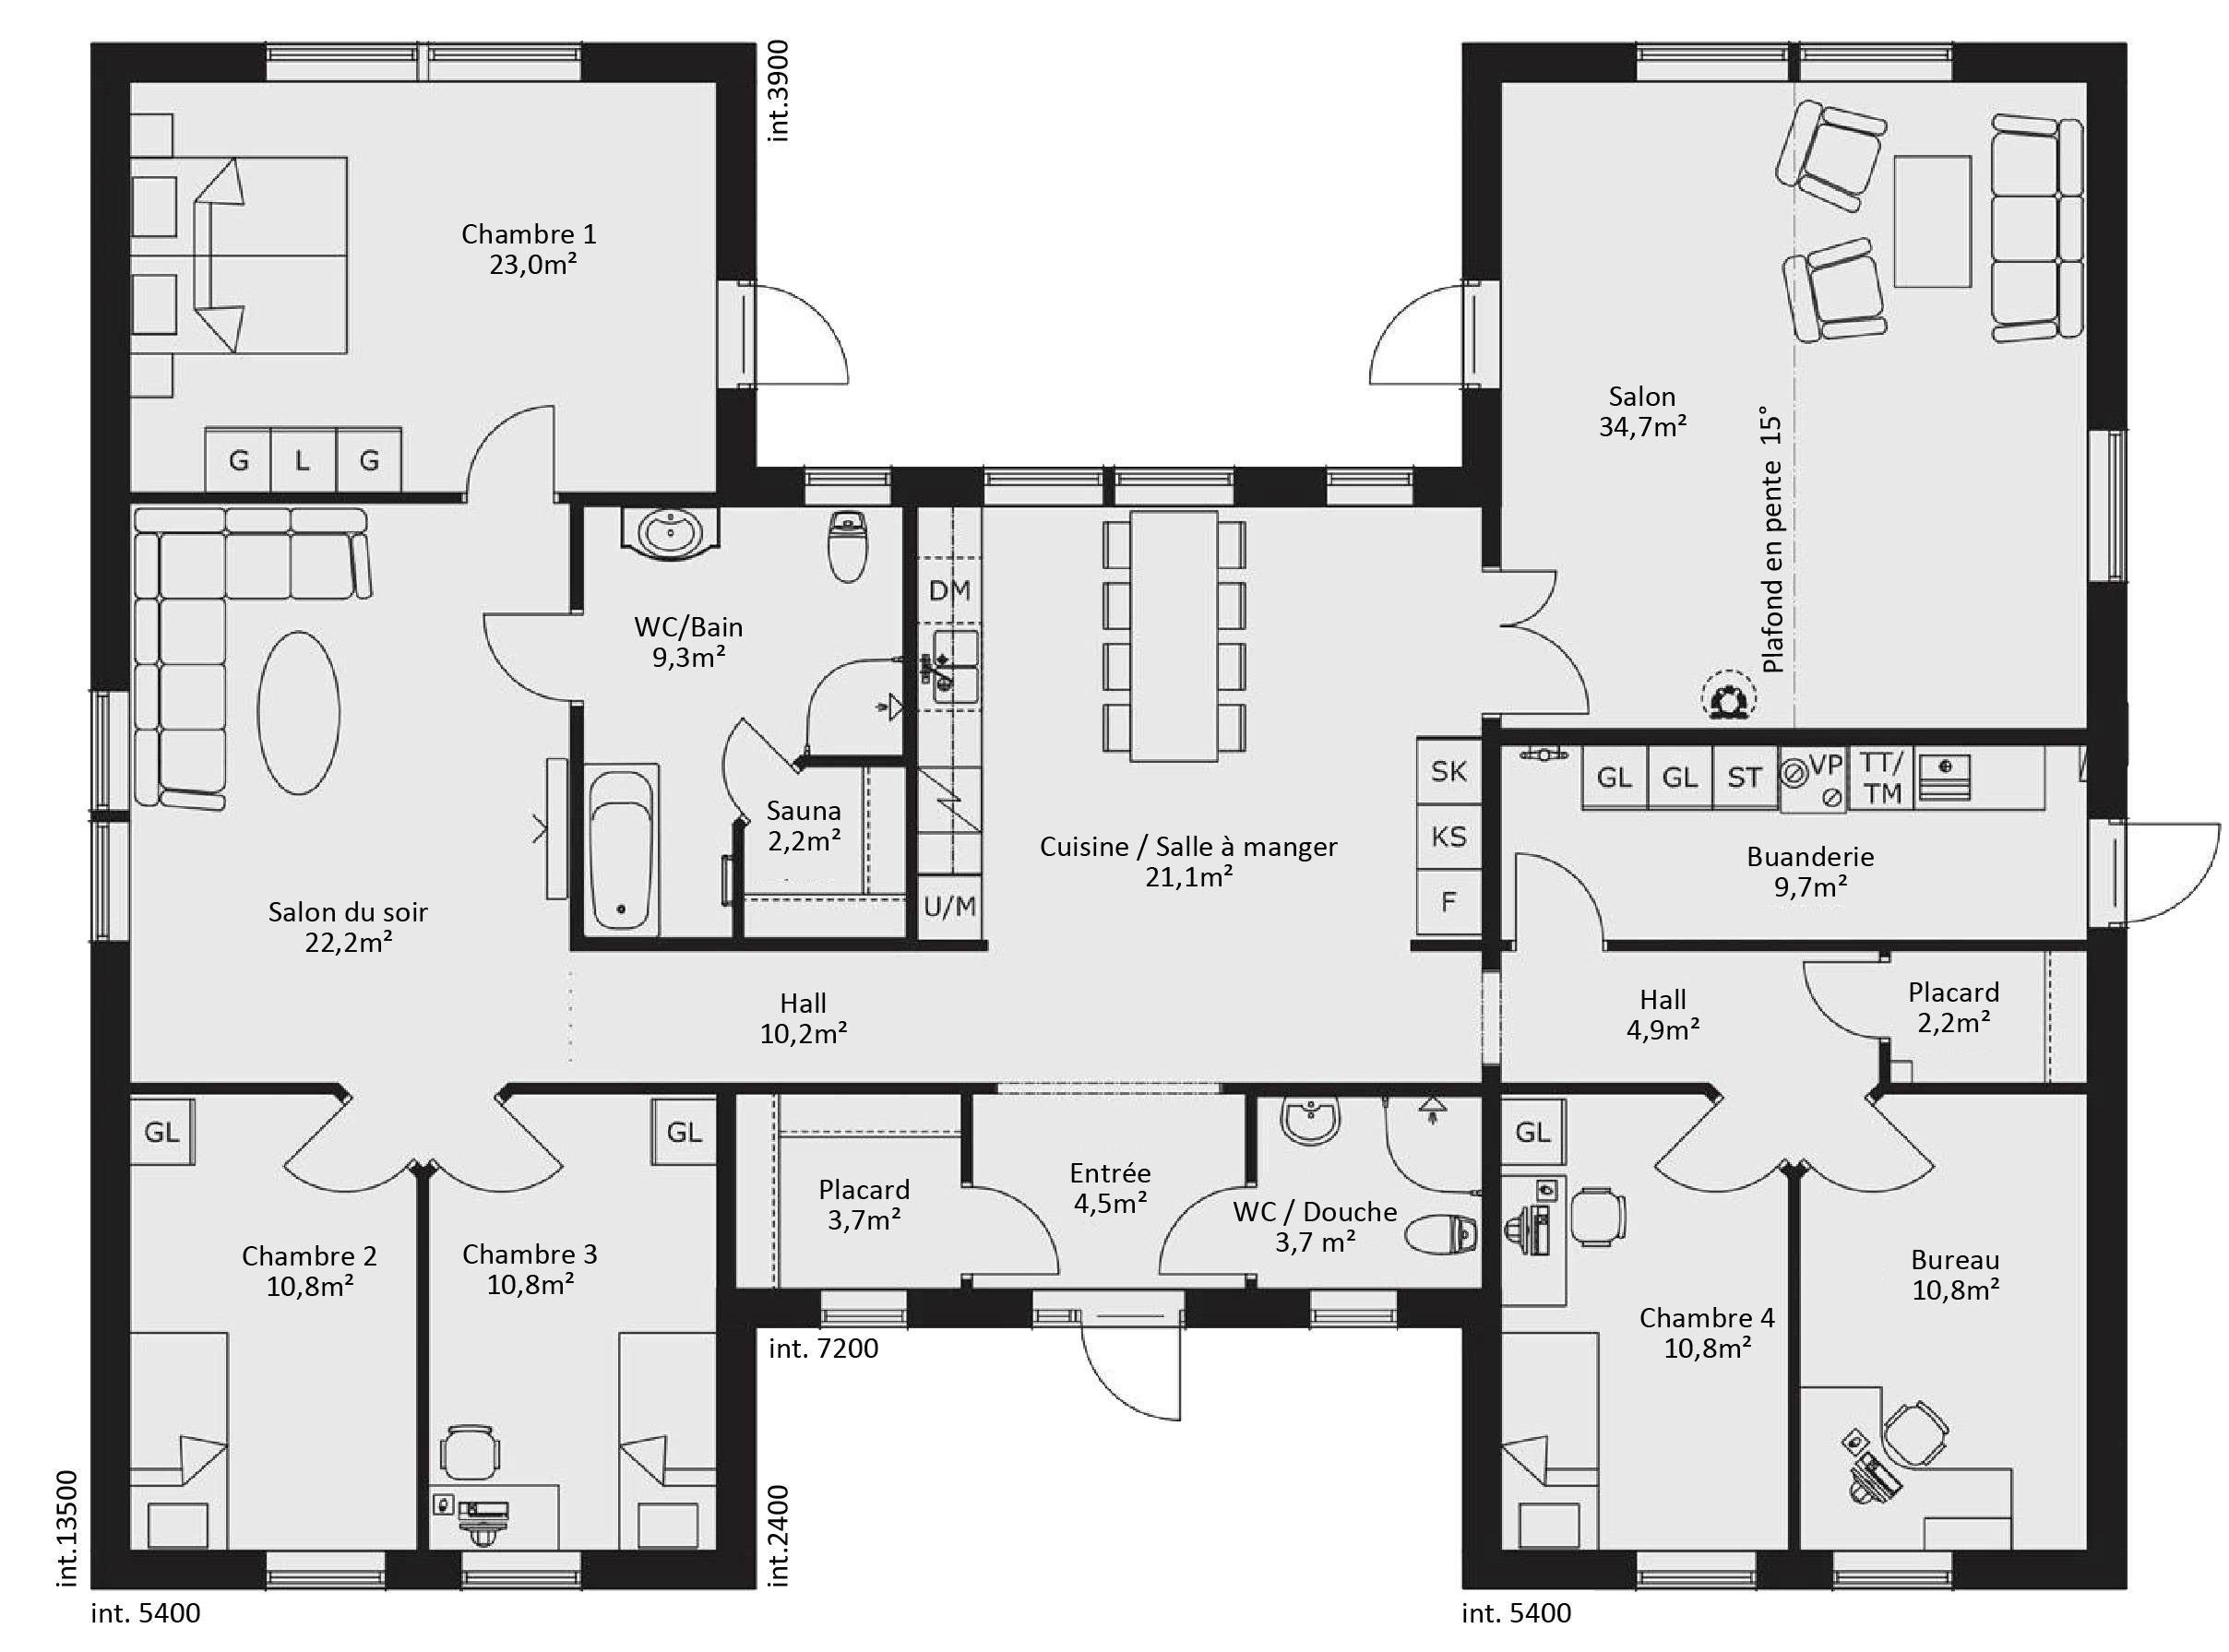 Maison Contemporaine 145 M 5 Chambres House 13